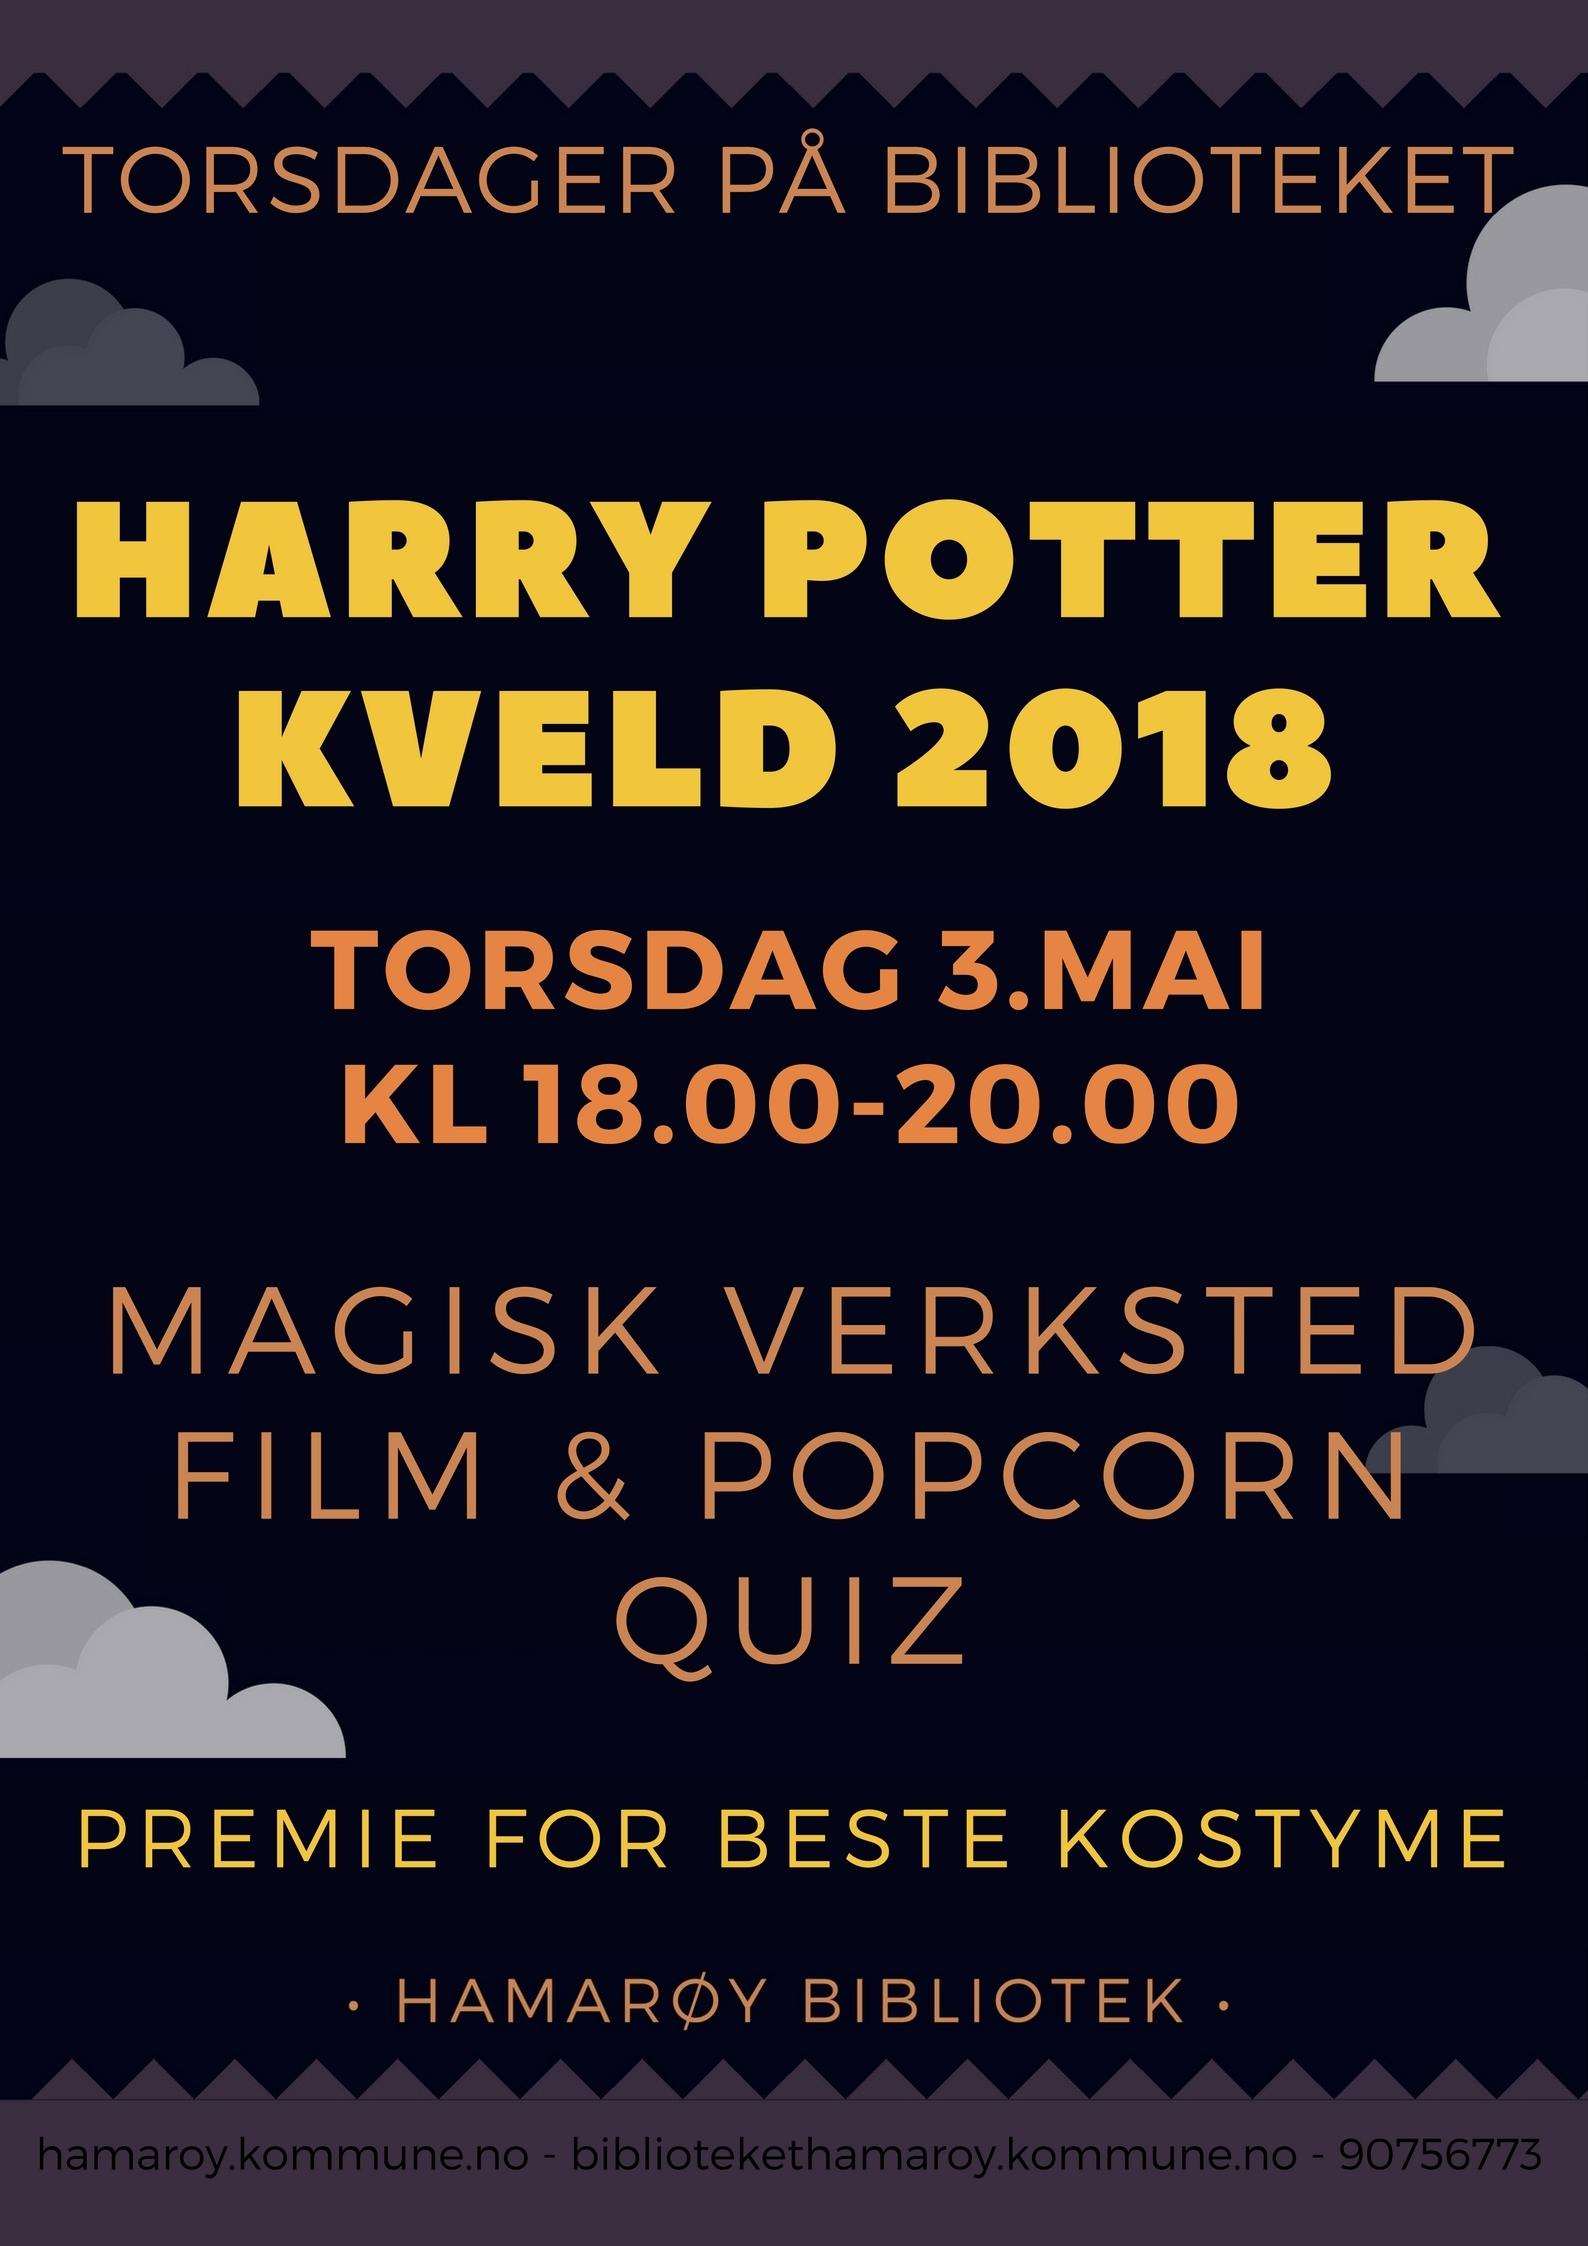 HARRY POTTER KVELD PLAKAT (2).jpg